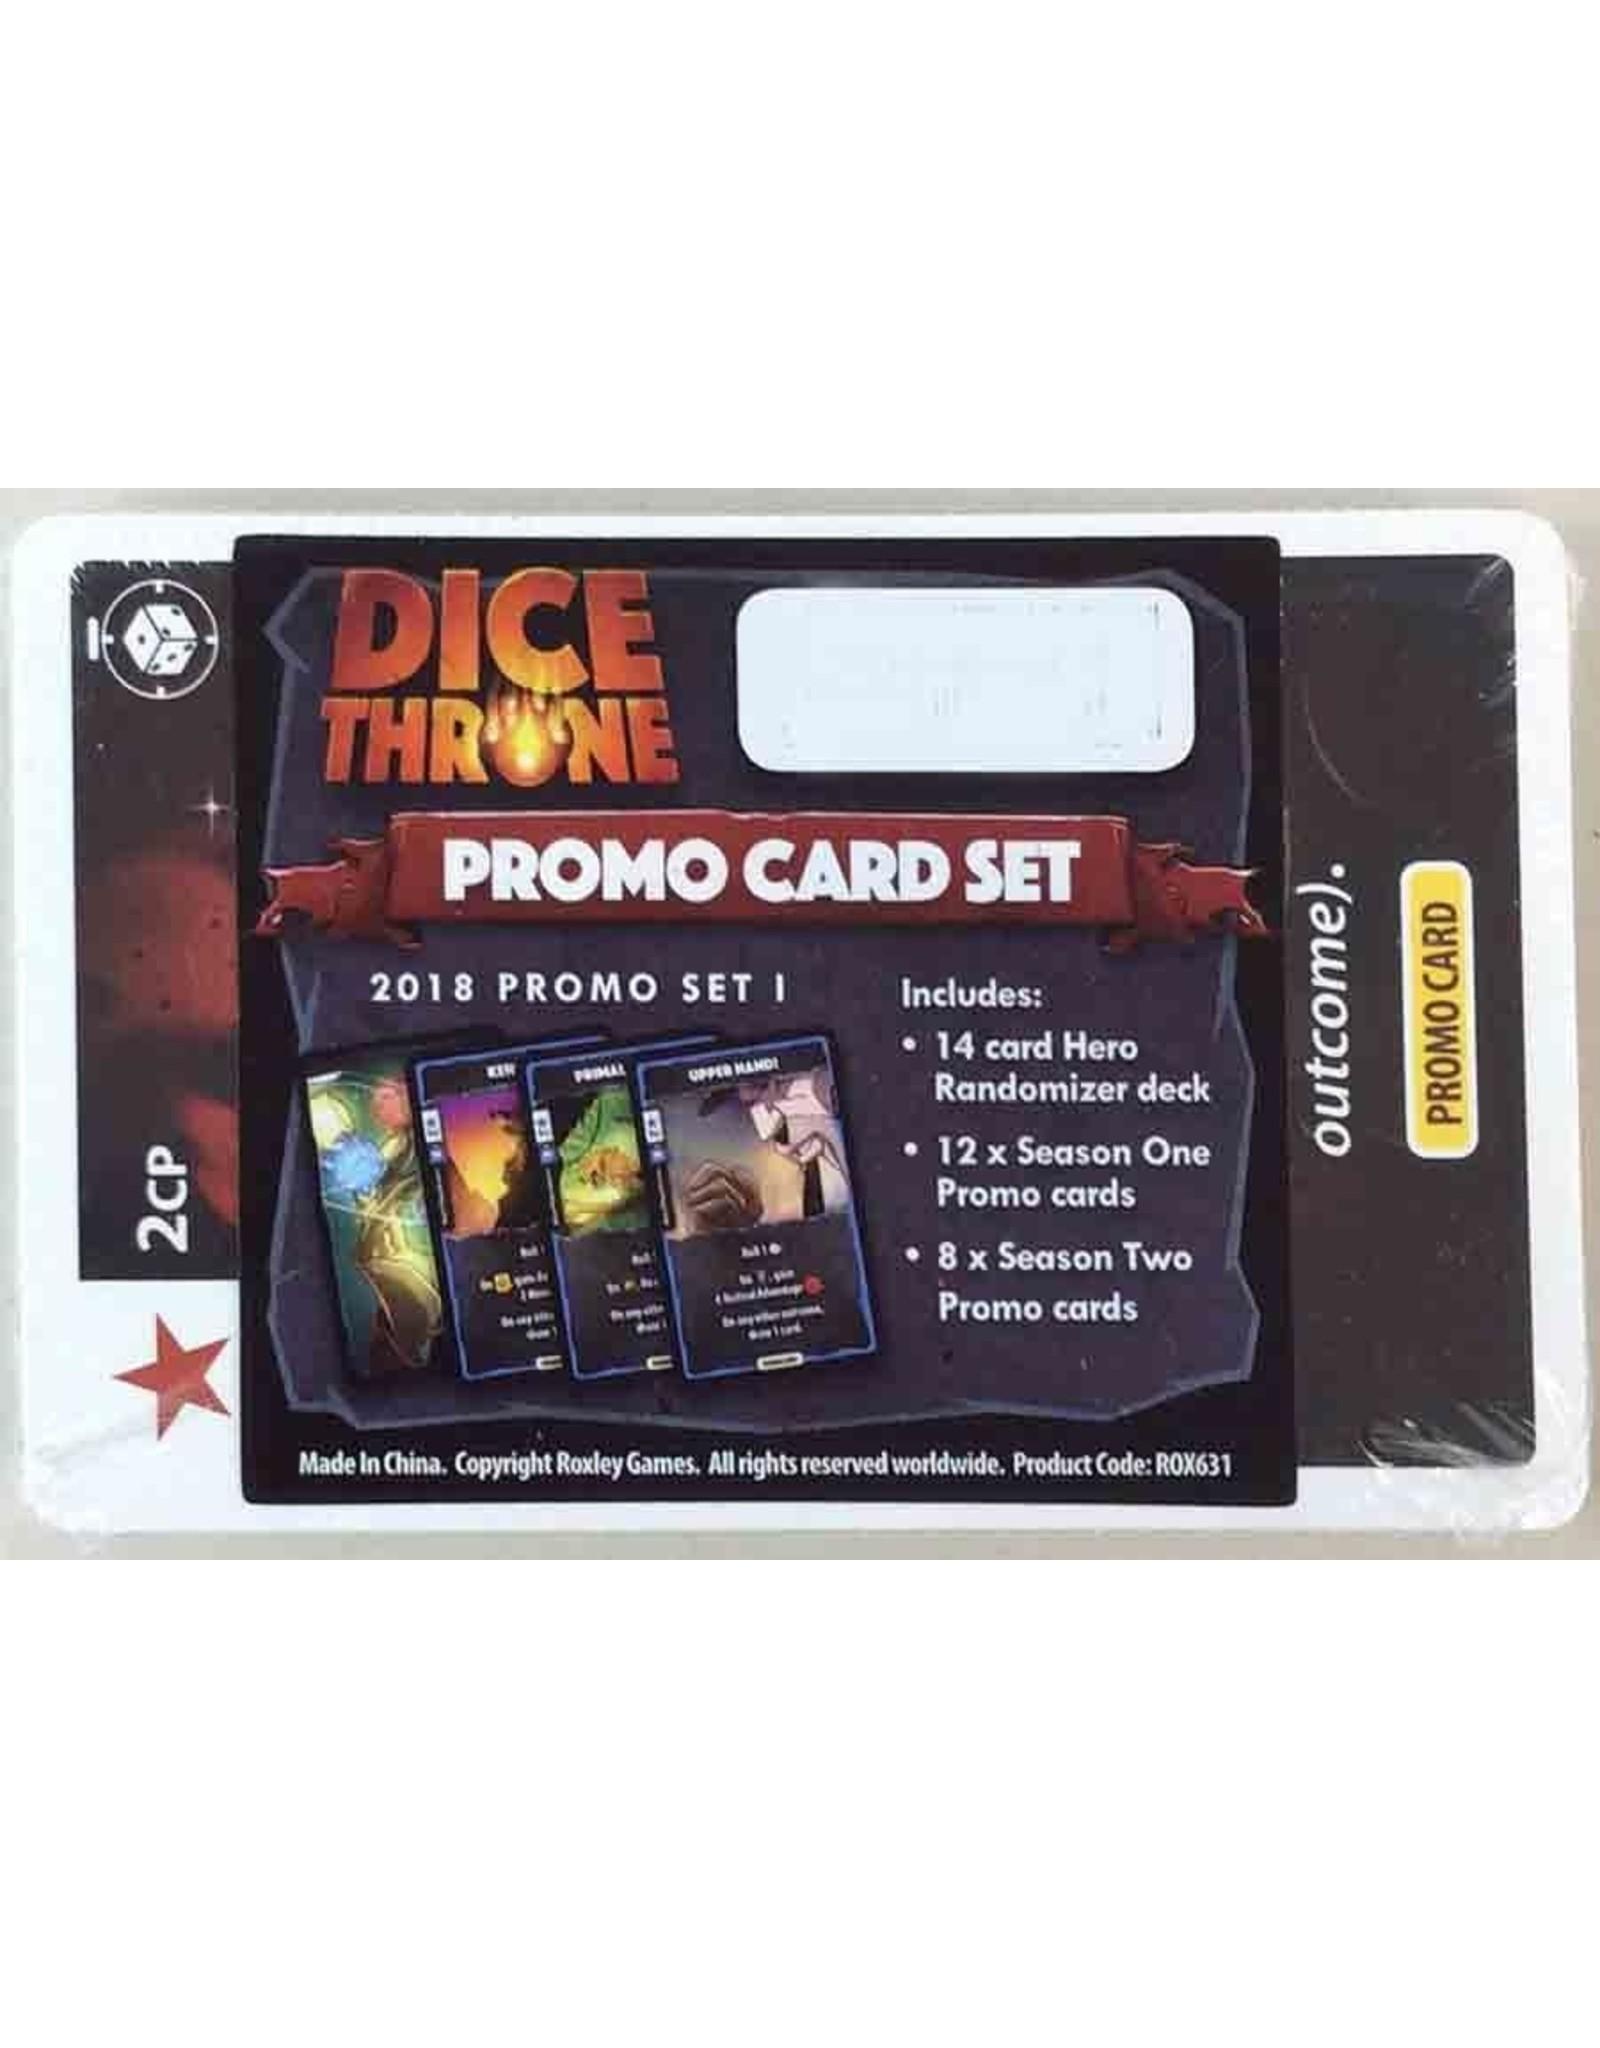 Dice Throne Promo Pack 1